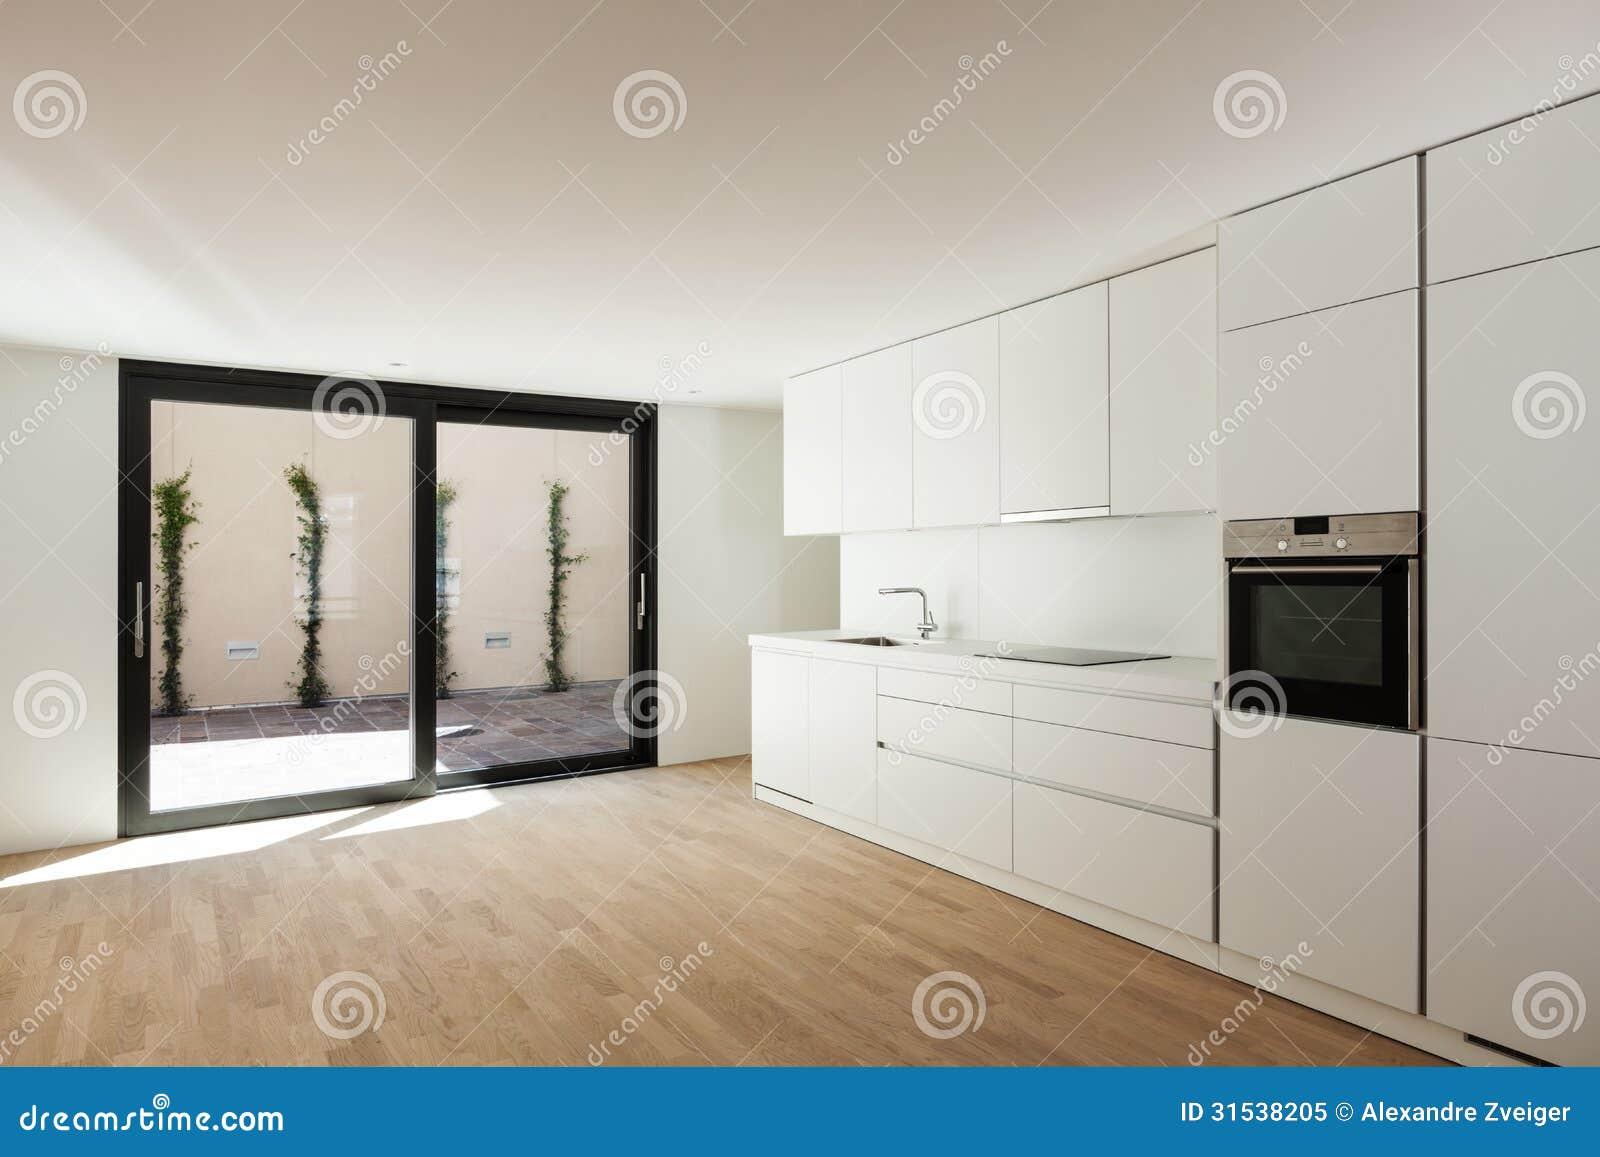 Cucina bianca moderna immagine stock immagine di armadietto 31538205 - Cucina moderna bianca ...